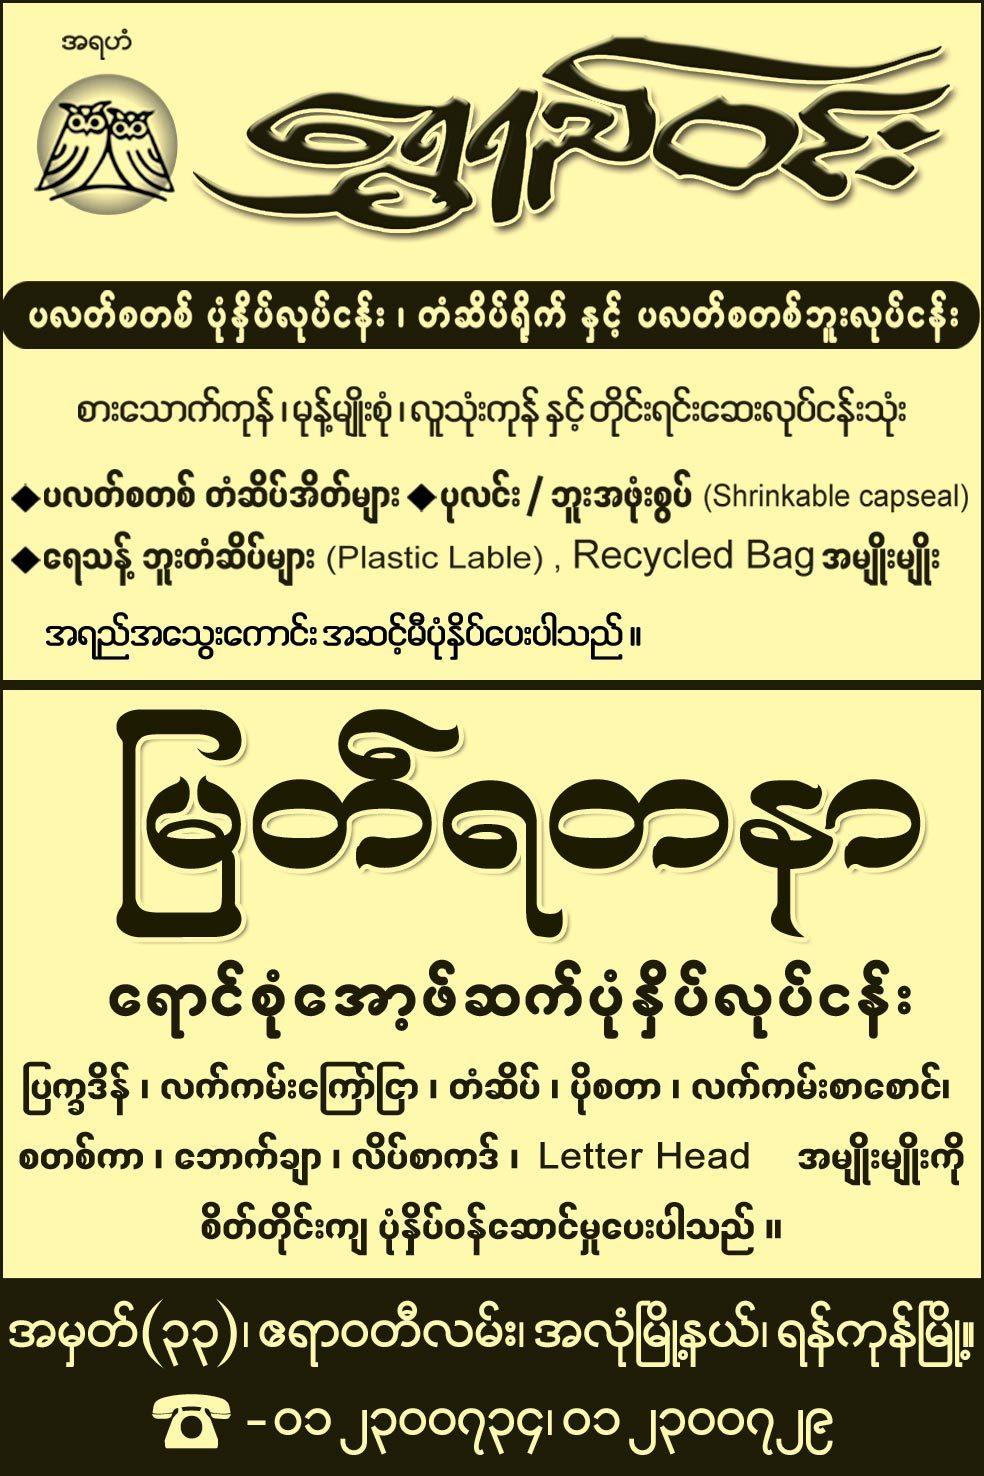 Shwe-Yee-Win_Press-&-Printers-(Offset)_1259.jpg